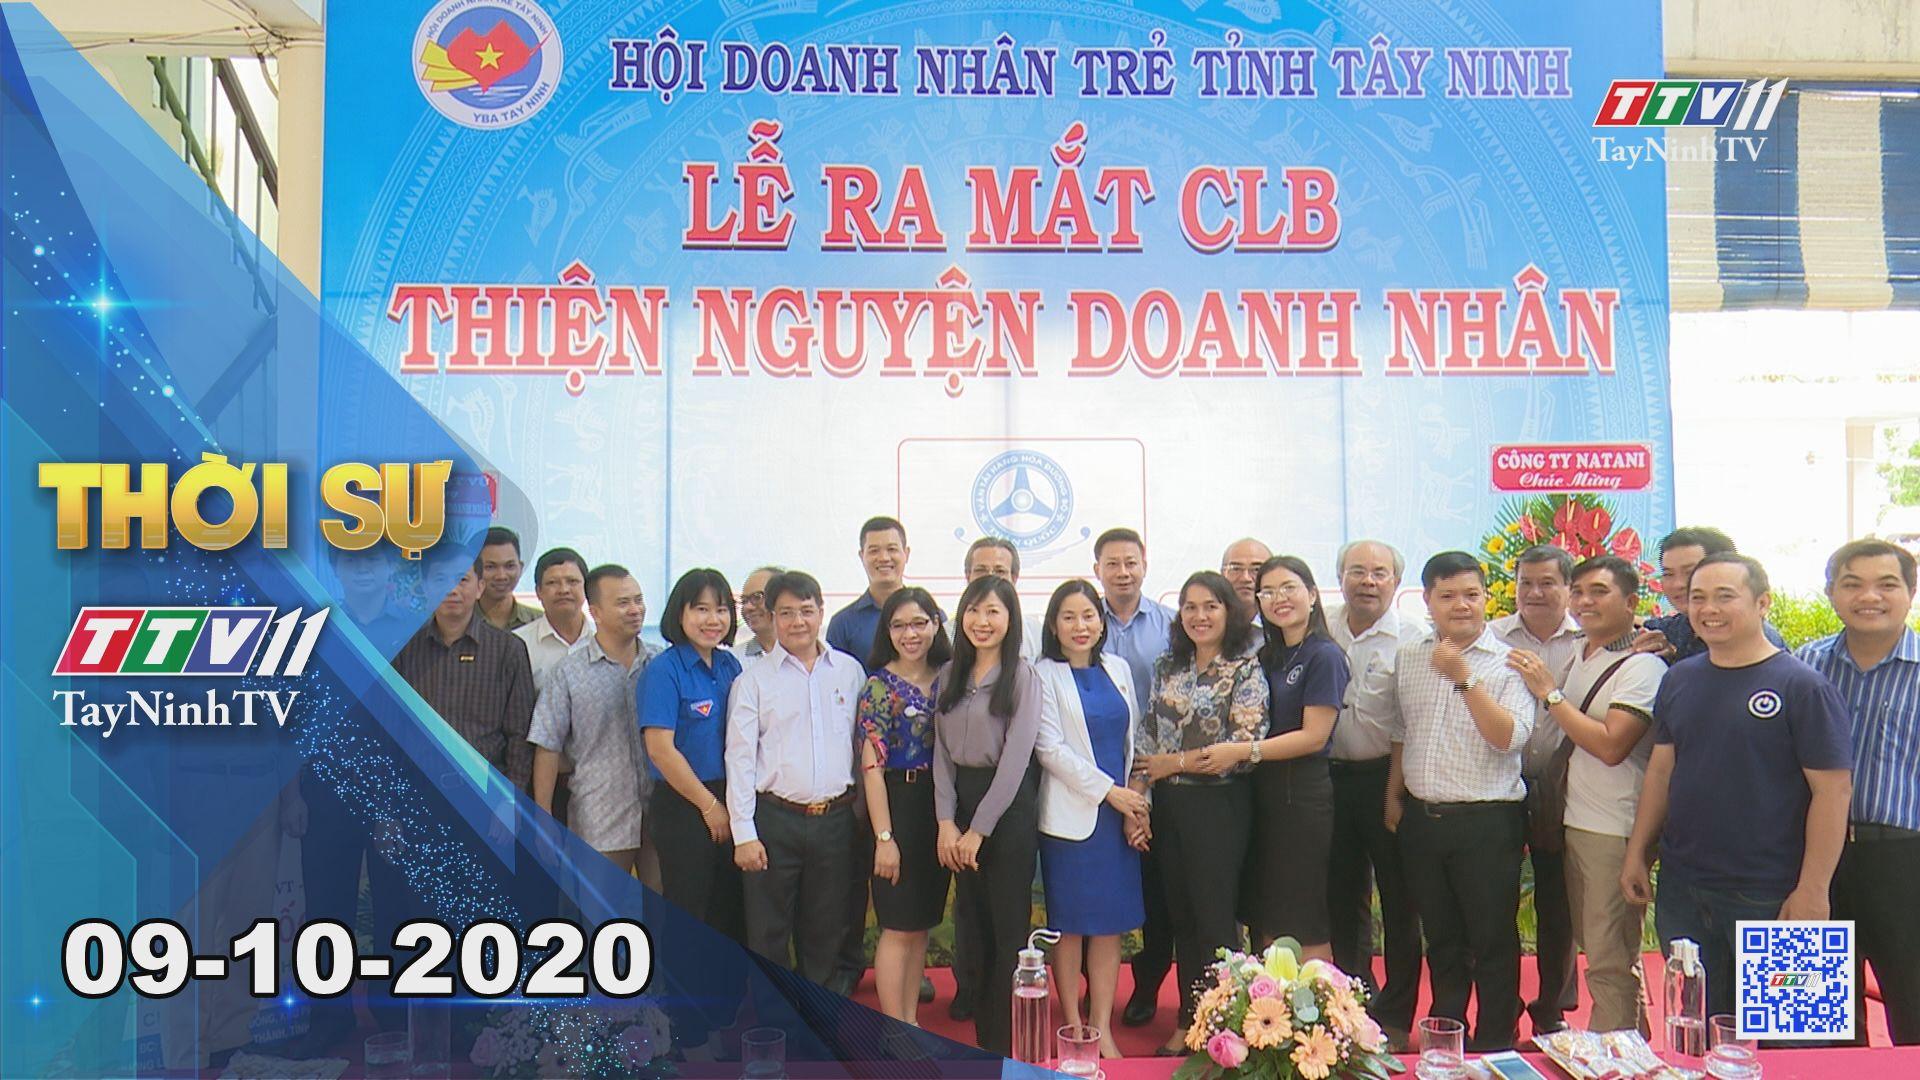 Thời sự Tây Ninh 09-10-2020 | Tin tức hôm nay | TayNinhTV